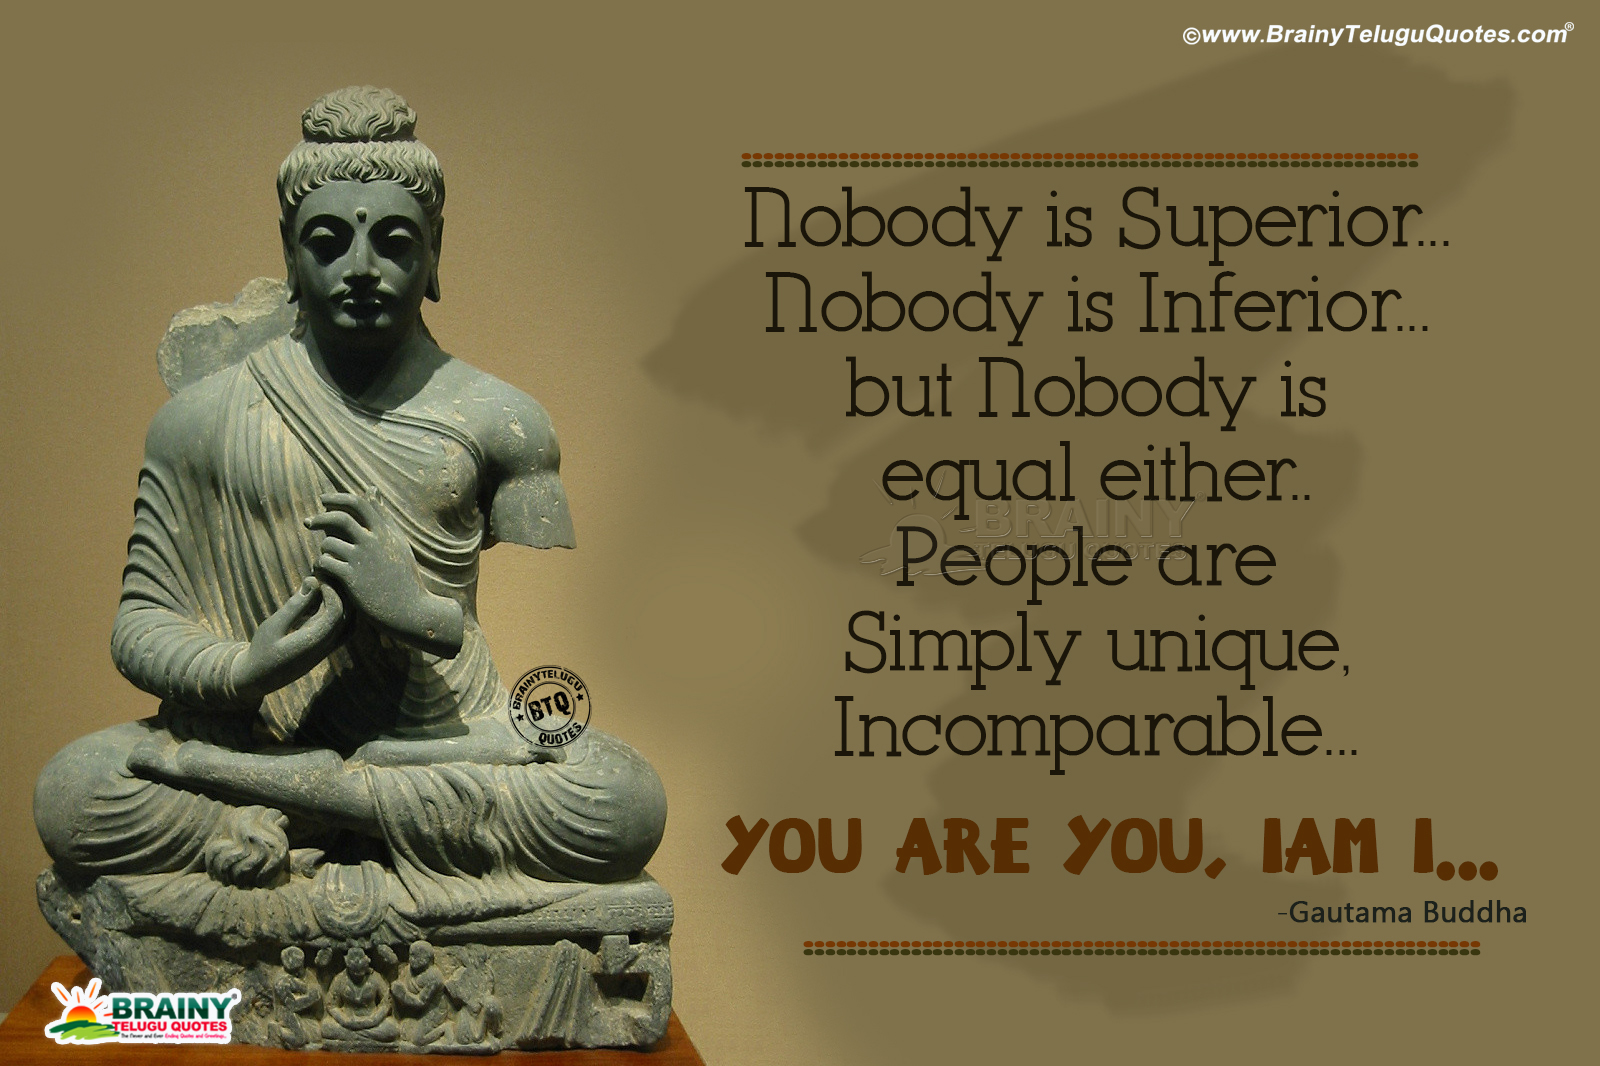 Gautama Buddha Latest Quotes on life-Best Motivational Quotes By #GautamaBuddha   BrainyTeluguQuotes.comTelugu quotes English quotes Hindi quotes ...